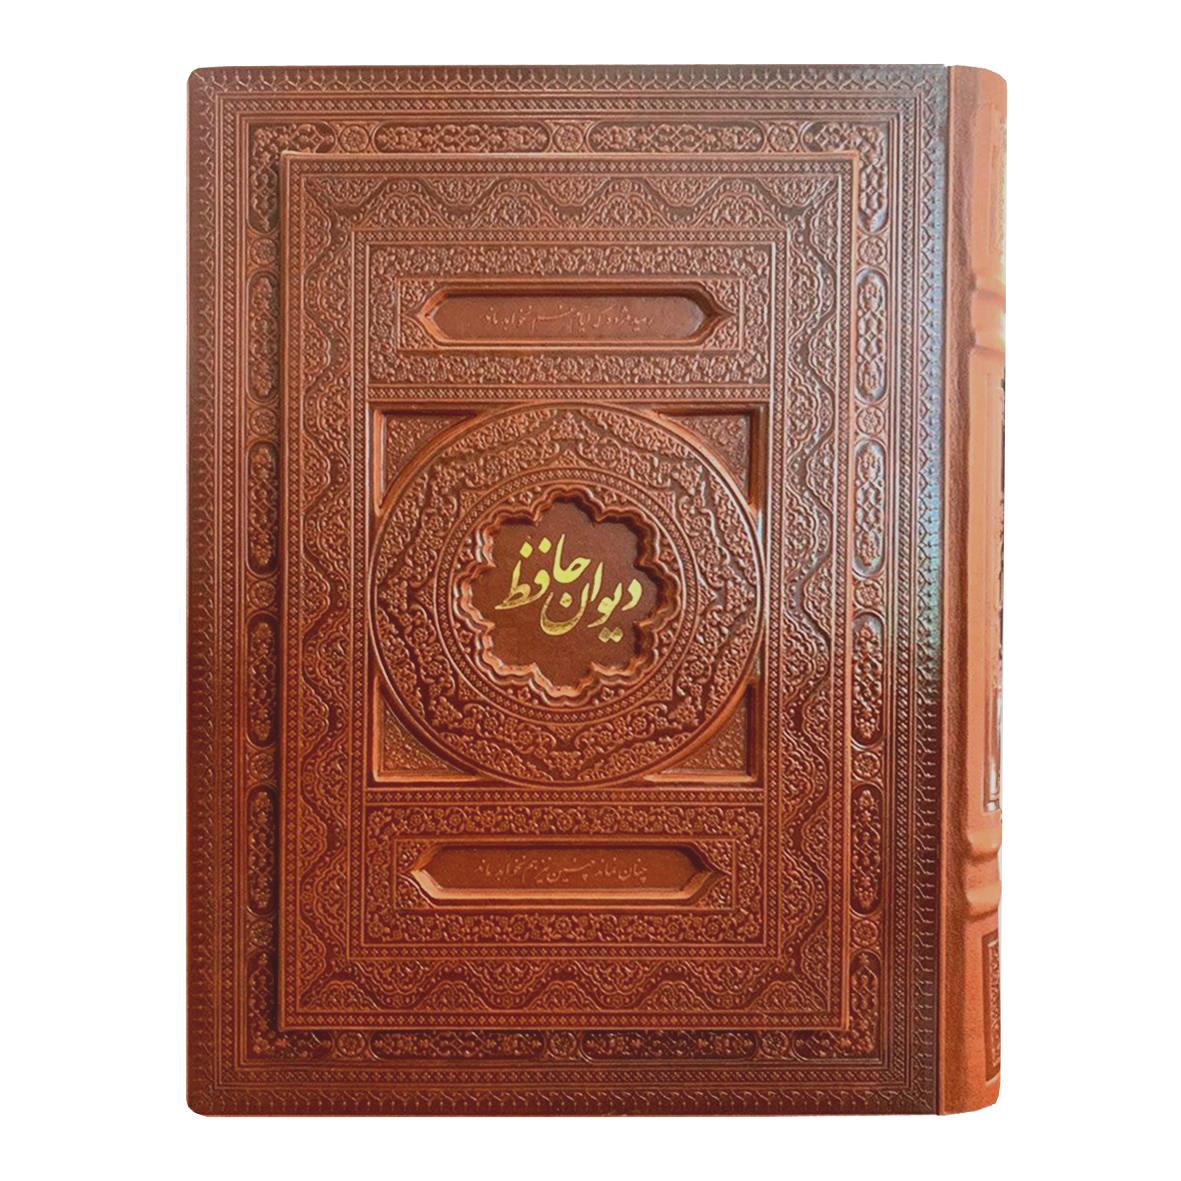 کتاب دیوان حافظ شیرازی انتشارات بصیر دانش پرور